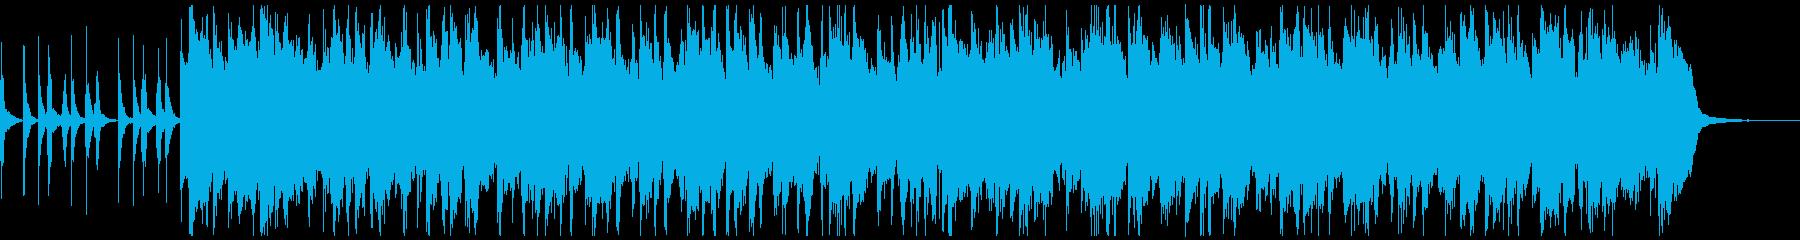 アコギのほのぼのとした楽曲の再生済みの波形